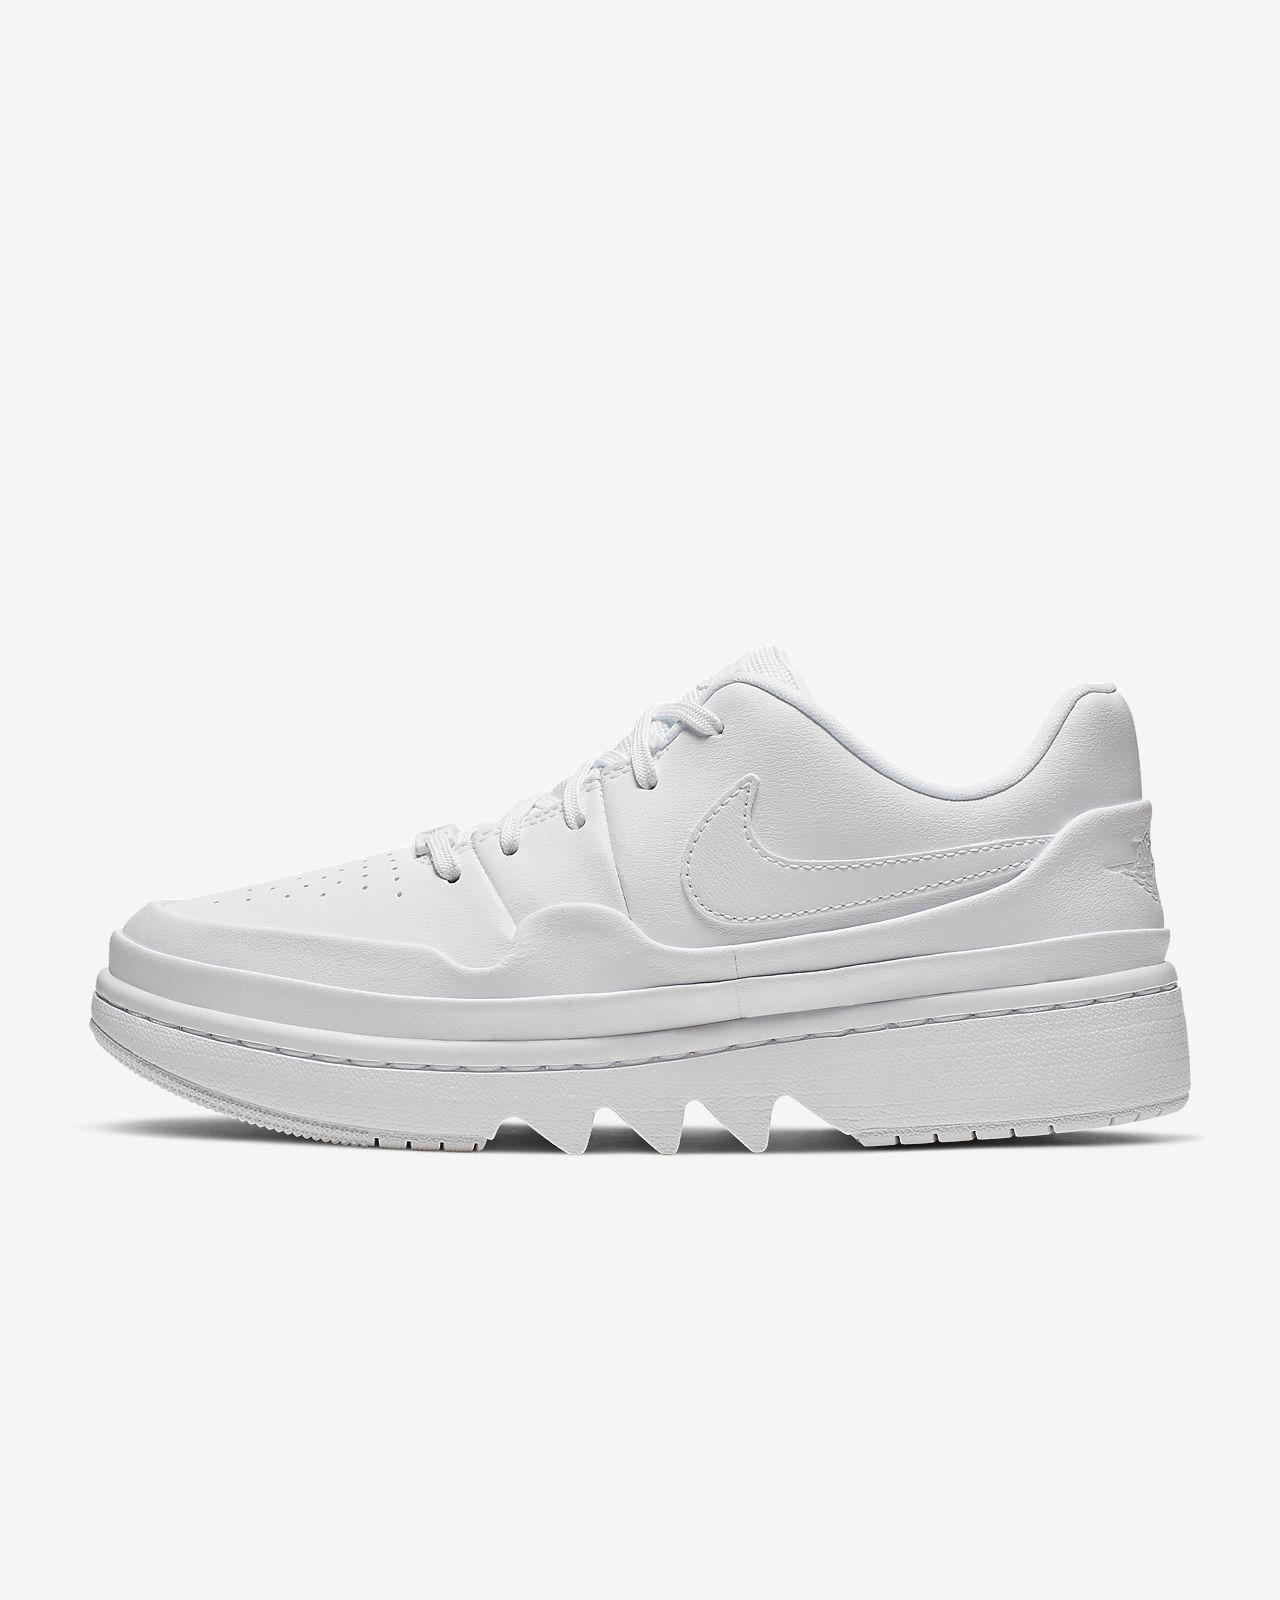 Air Jordan 1 Jester XX Low Women's Shoe